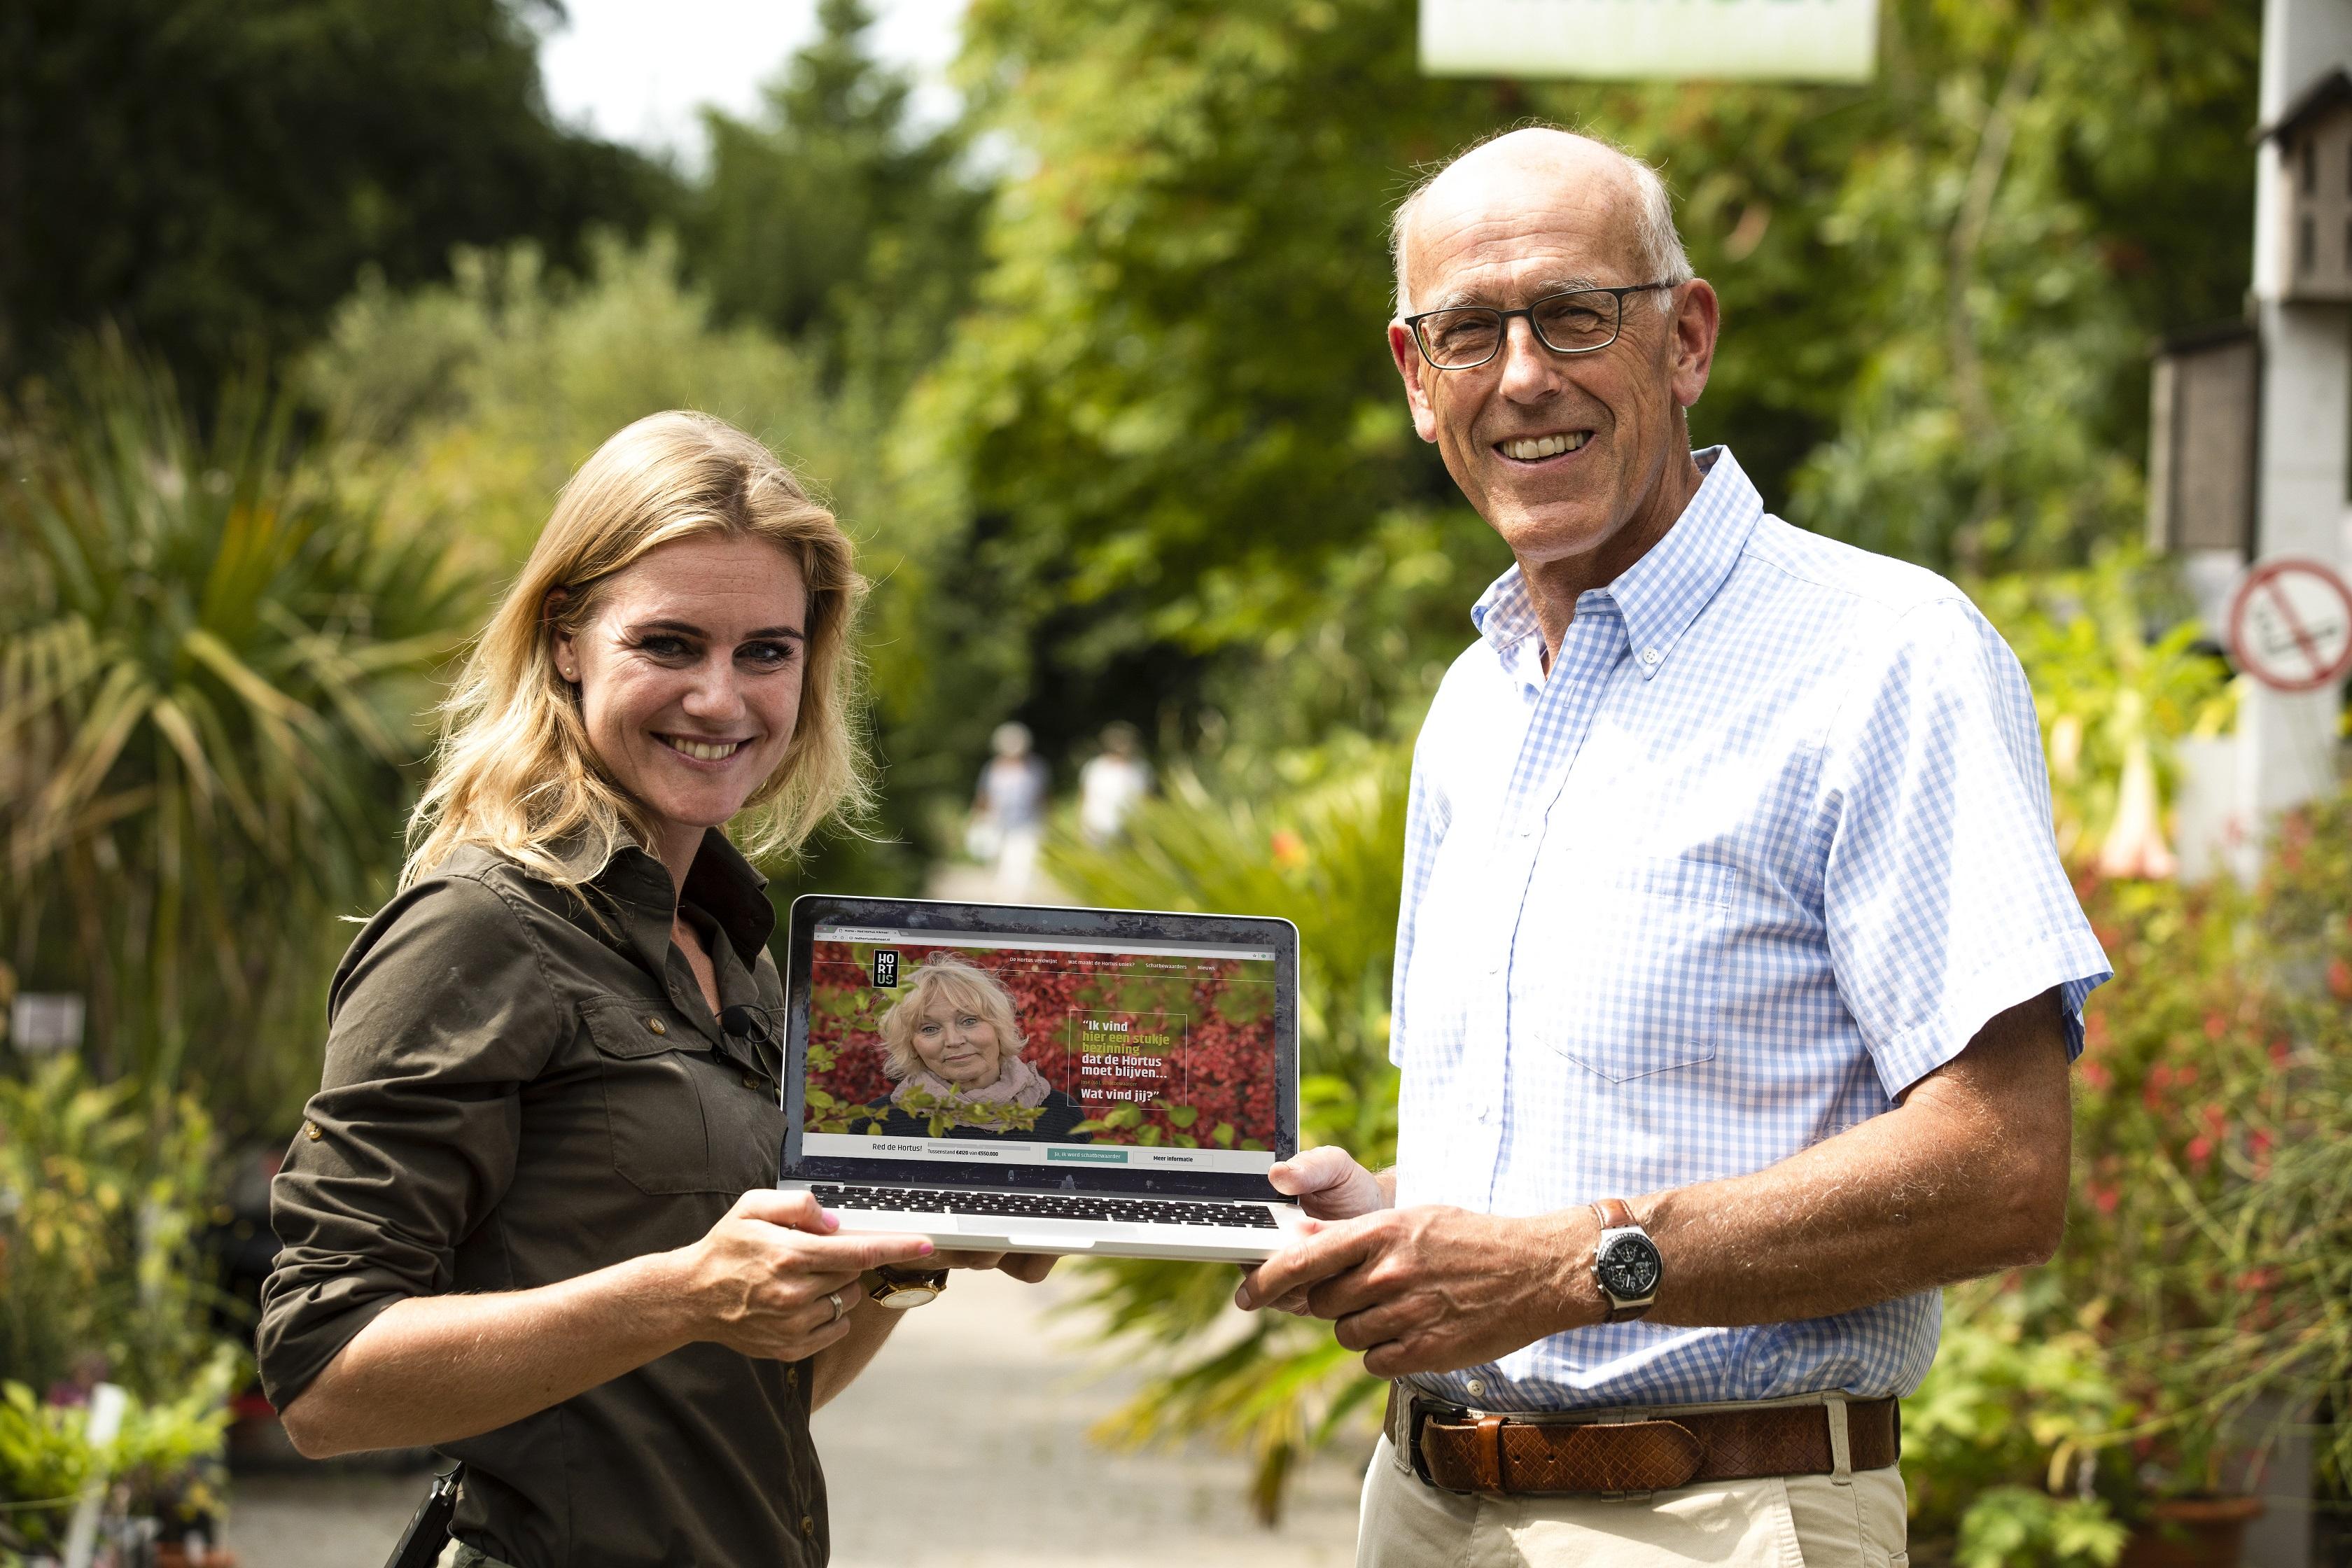 Botanische Tuin Alkmaar : Oneindig noord holland hortus alkmaar start fondsenwervingsactie